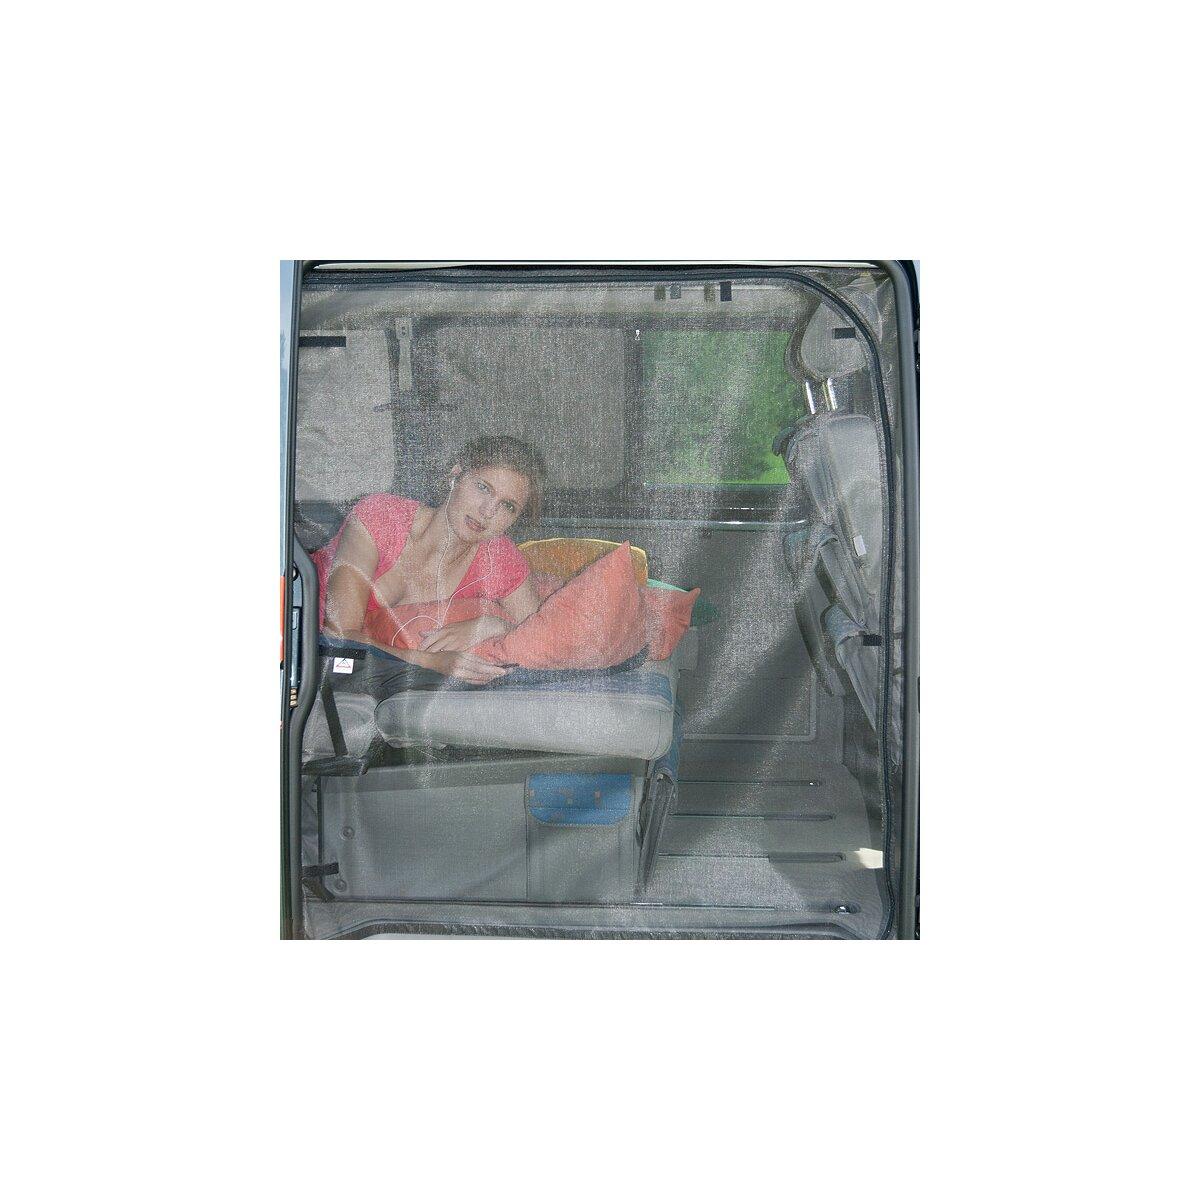 flyout schiebet r ffnung mit mittelrei verschluss. Black Bedroom Furniture Sets. Home Design Ideas